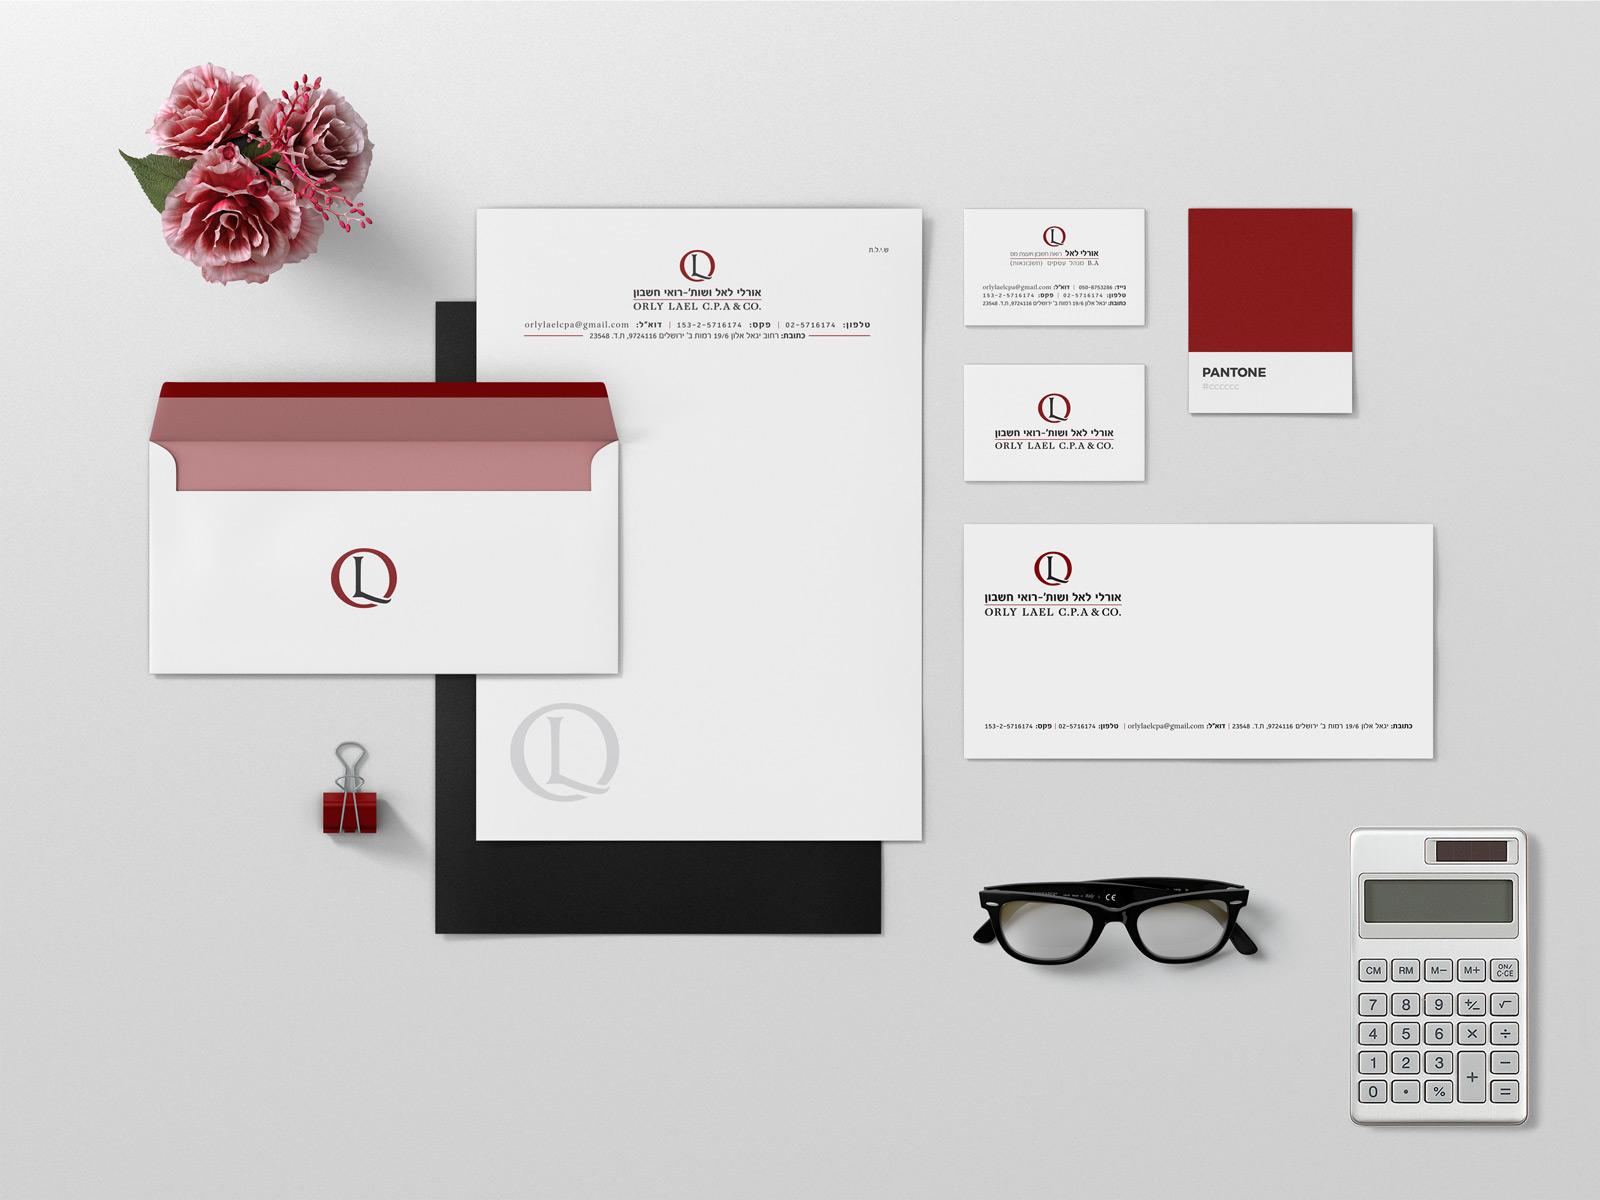 """עיצוב לוגו לרואי חשבון - עיצוב יצירתי ומכובד לרו""""ח אורלי לאל"""